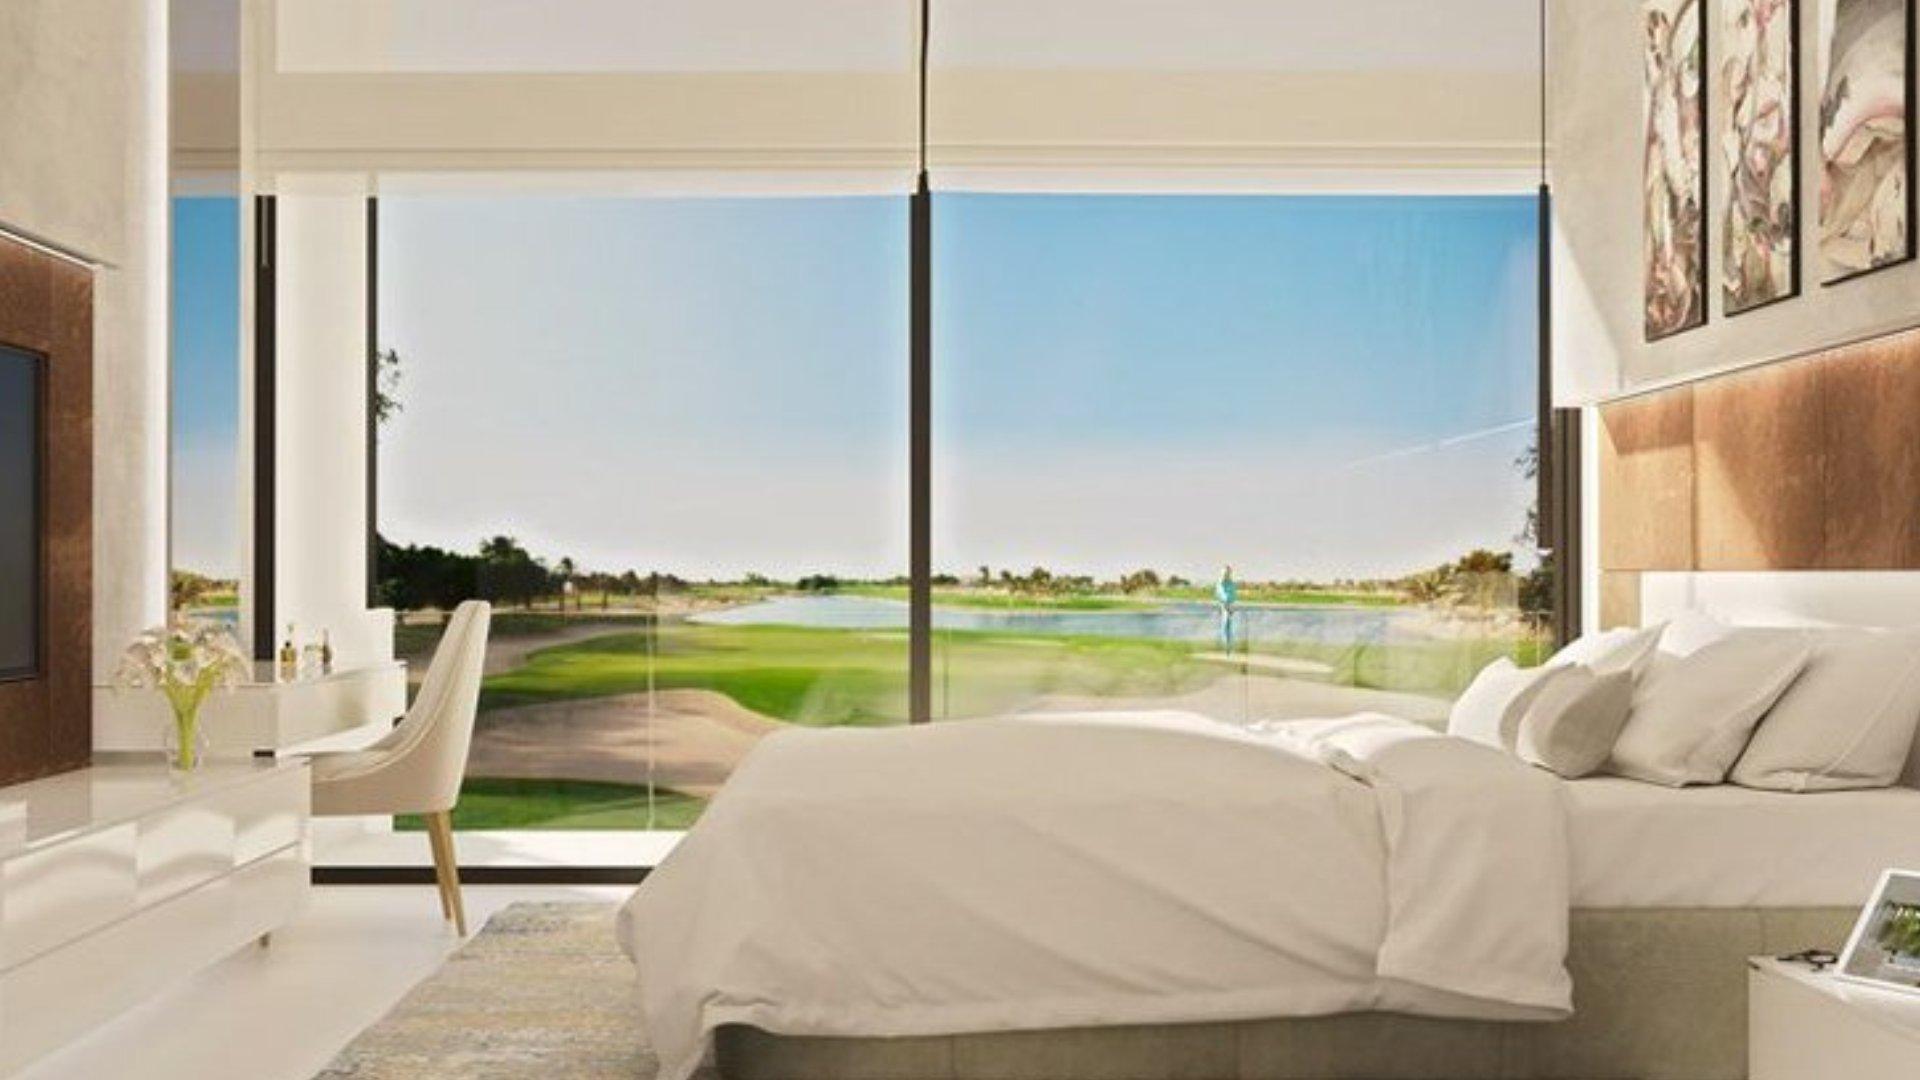 Villa en venta en Dubai, EAU, 3 dormitorios, 187 m2, № 24234 – foto 6